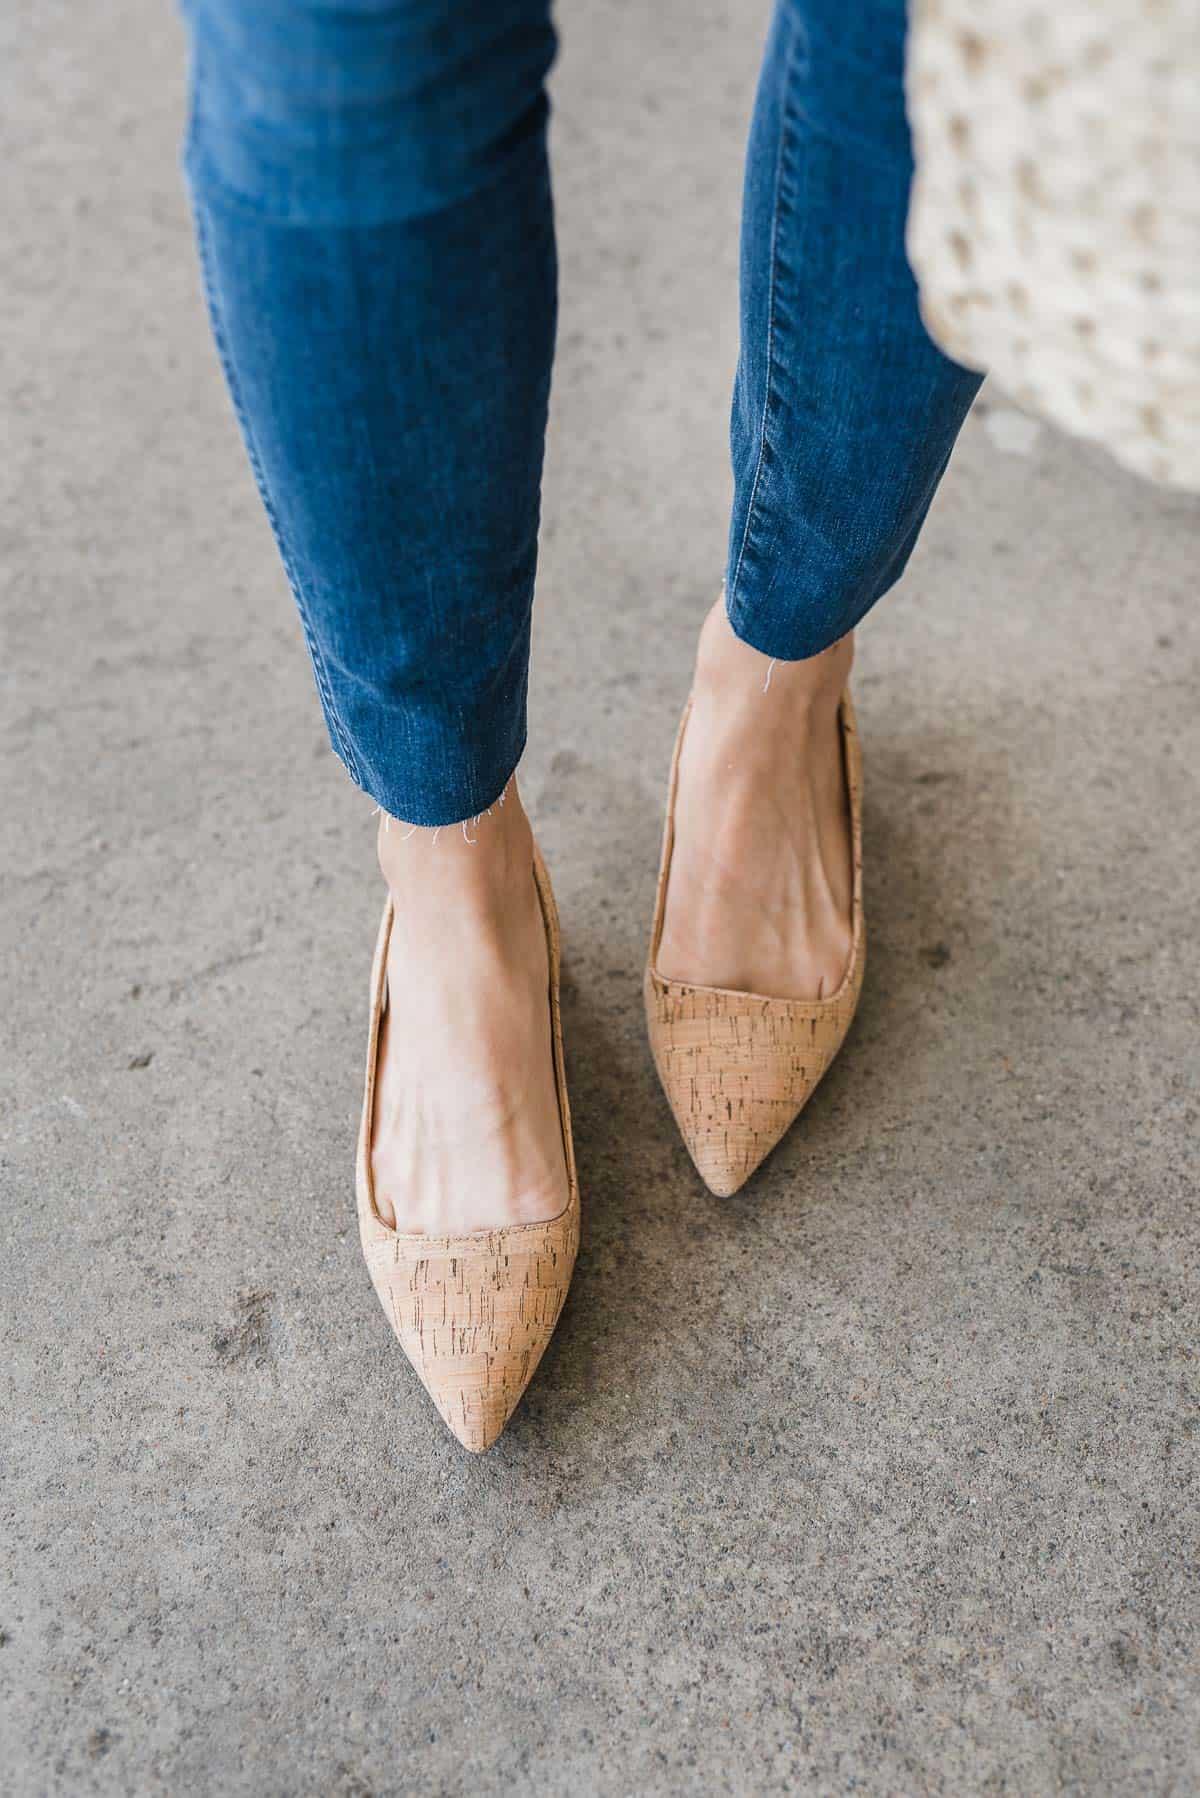 Bill Blass Samara Slingback Heels featured